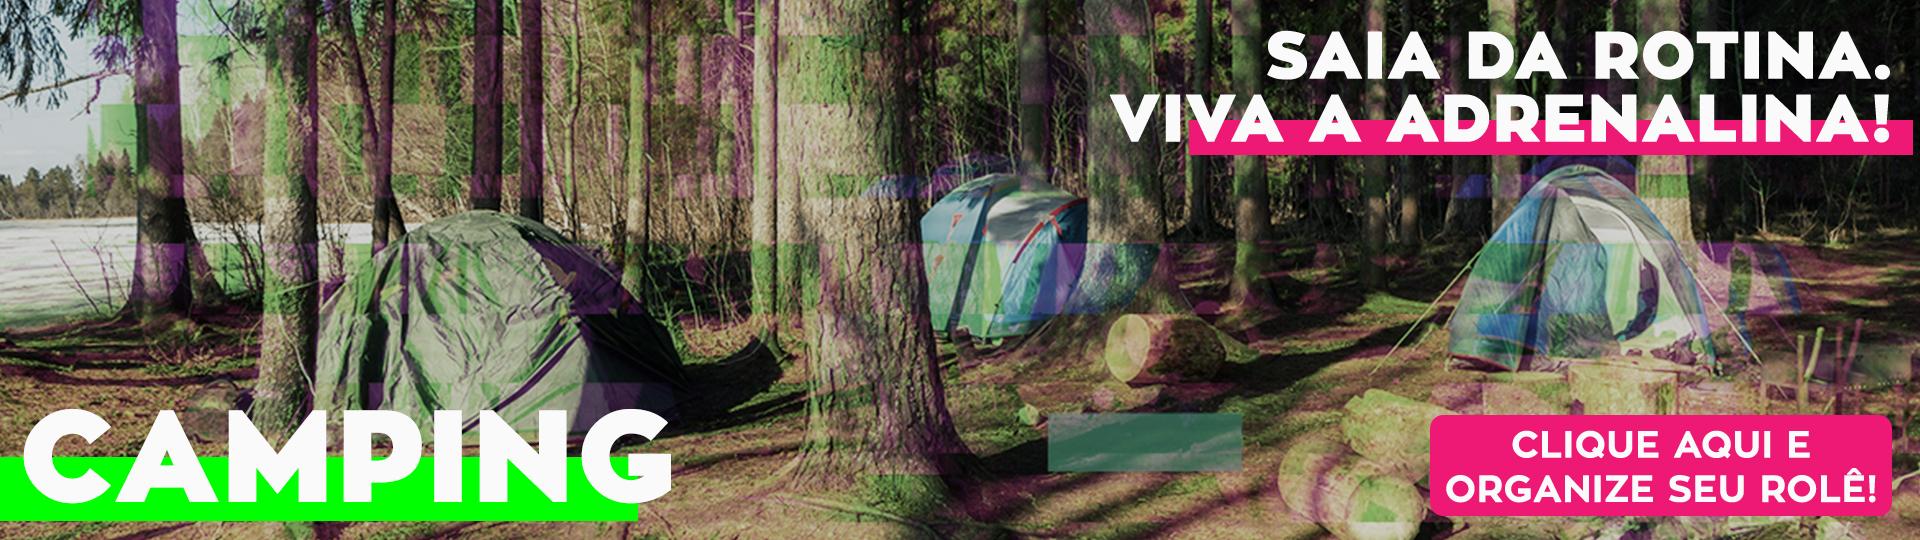 """Imagem de várias barracas em um acampamento no meio do mato, entre várias árvores, com o texto """"Camping"""" na esquerda e """"Saia da rotina. Viva a adrenalina."""" na direita. Também tem um texto """"clique aqui e organize seu rolê"""", no canto direito inferior."""